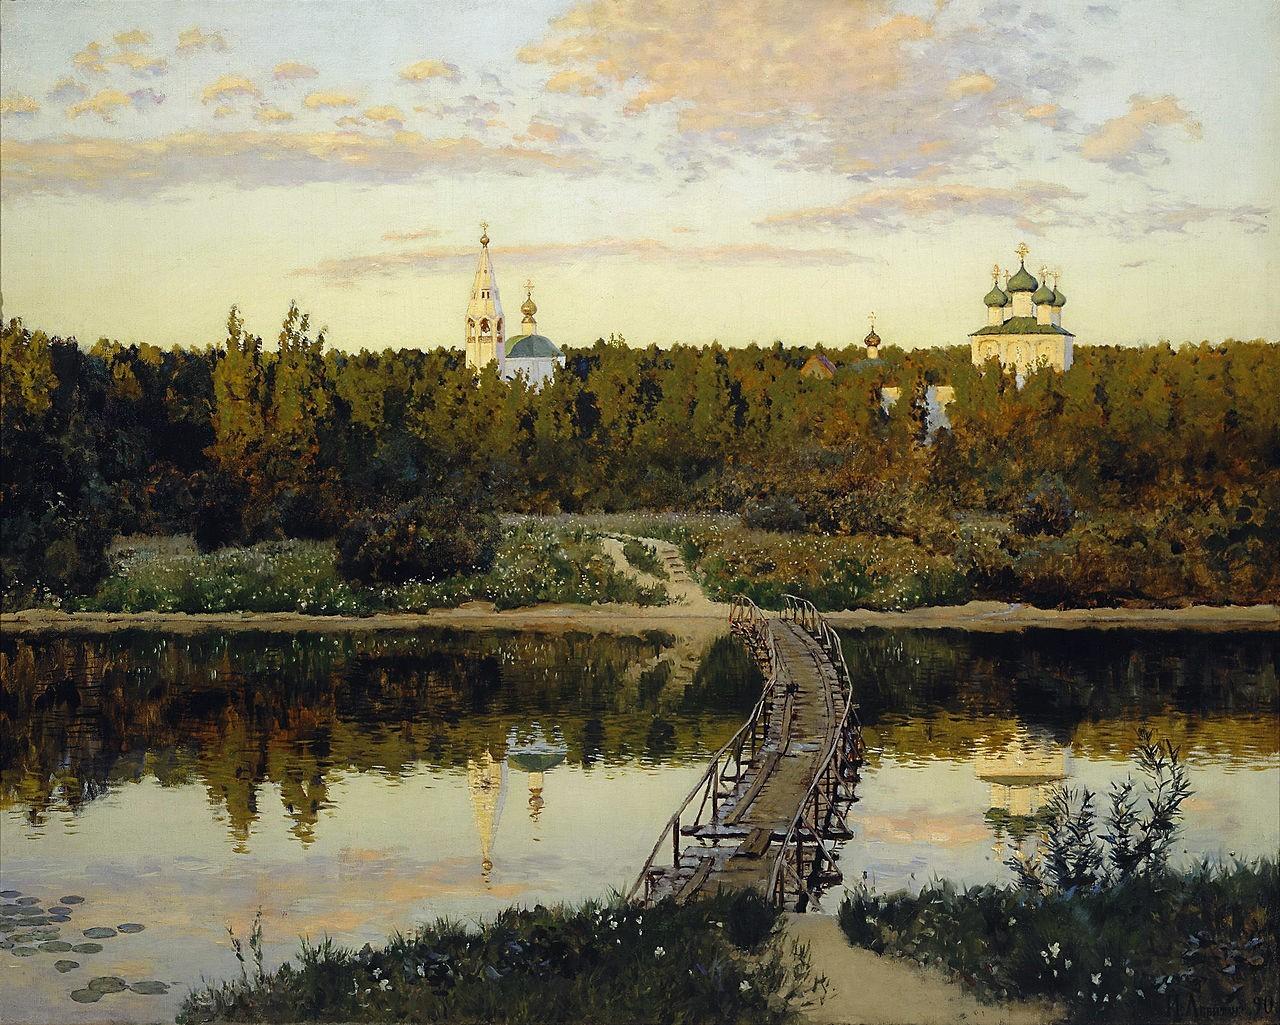 Художник Исаак Левитан (1860 – 1900). Главное в живописи – это чувствовать!